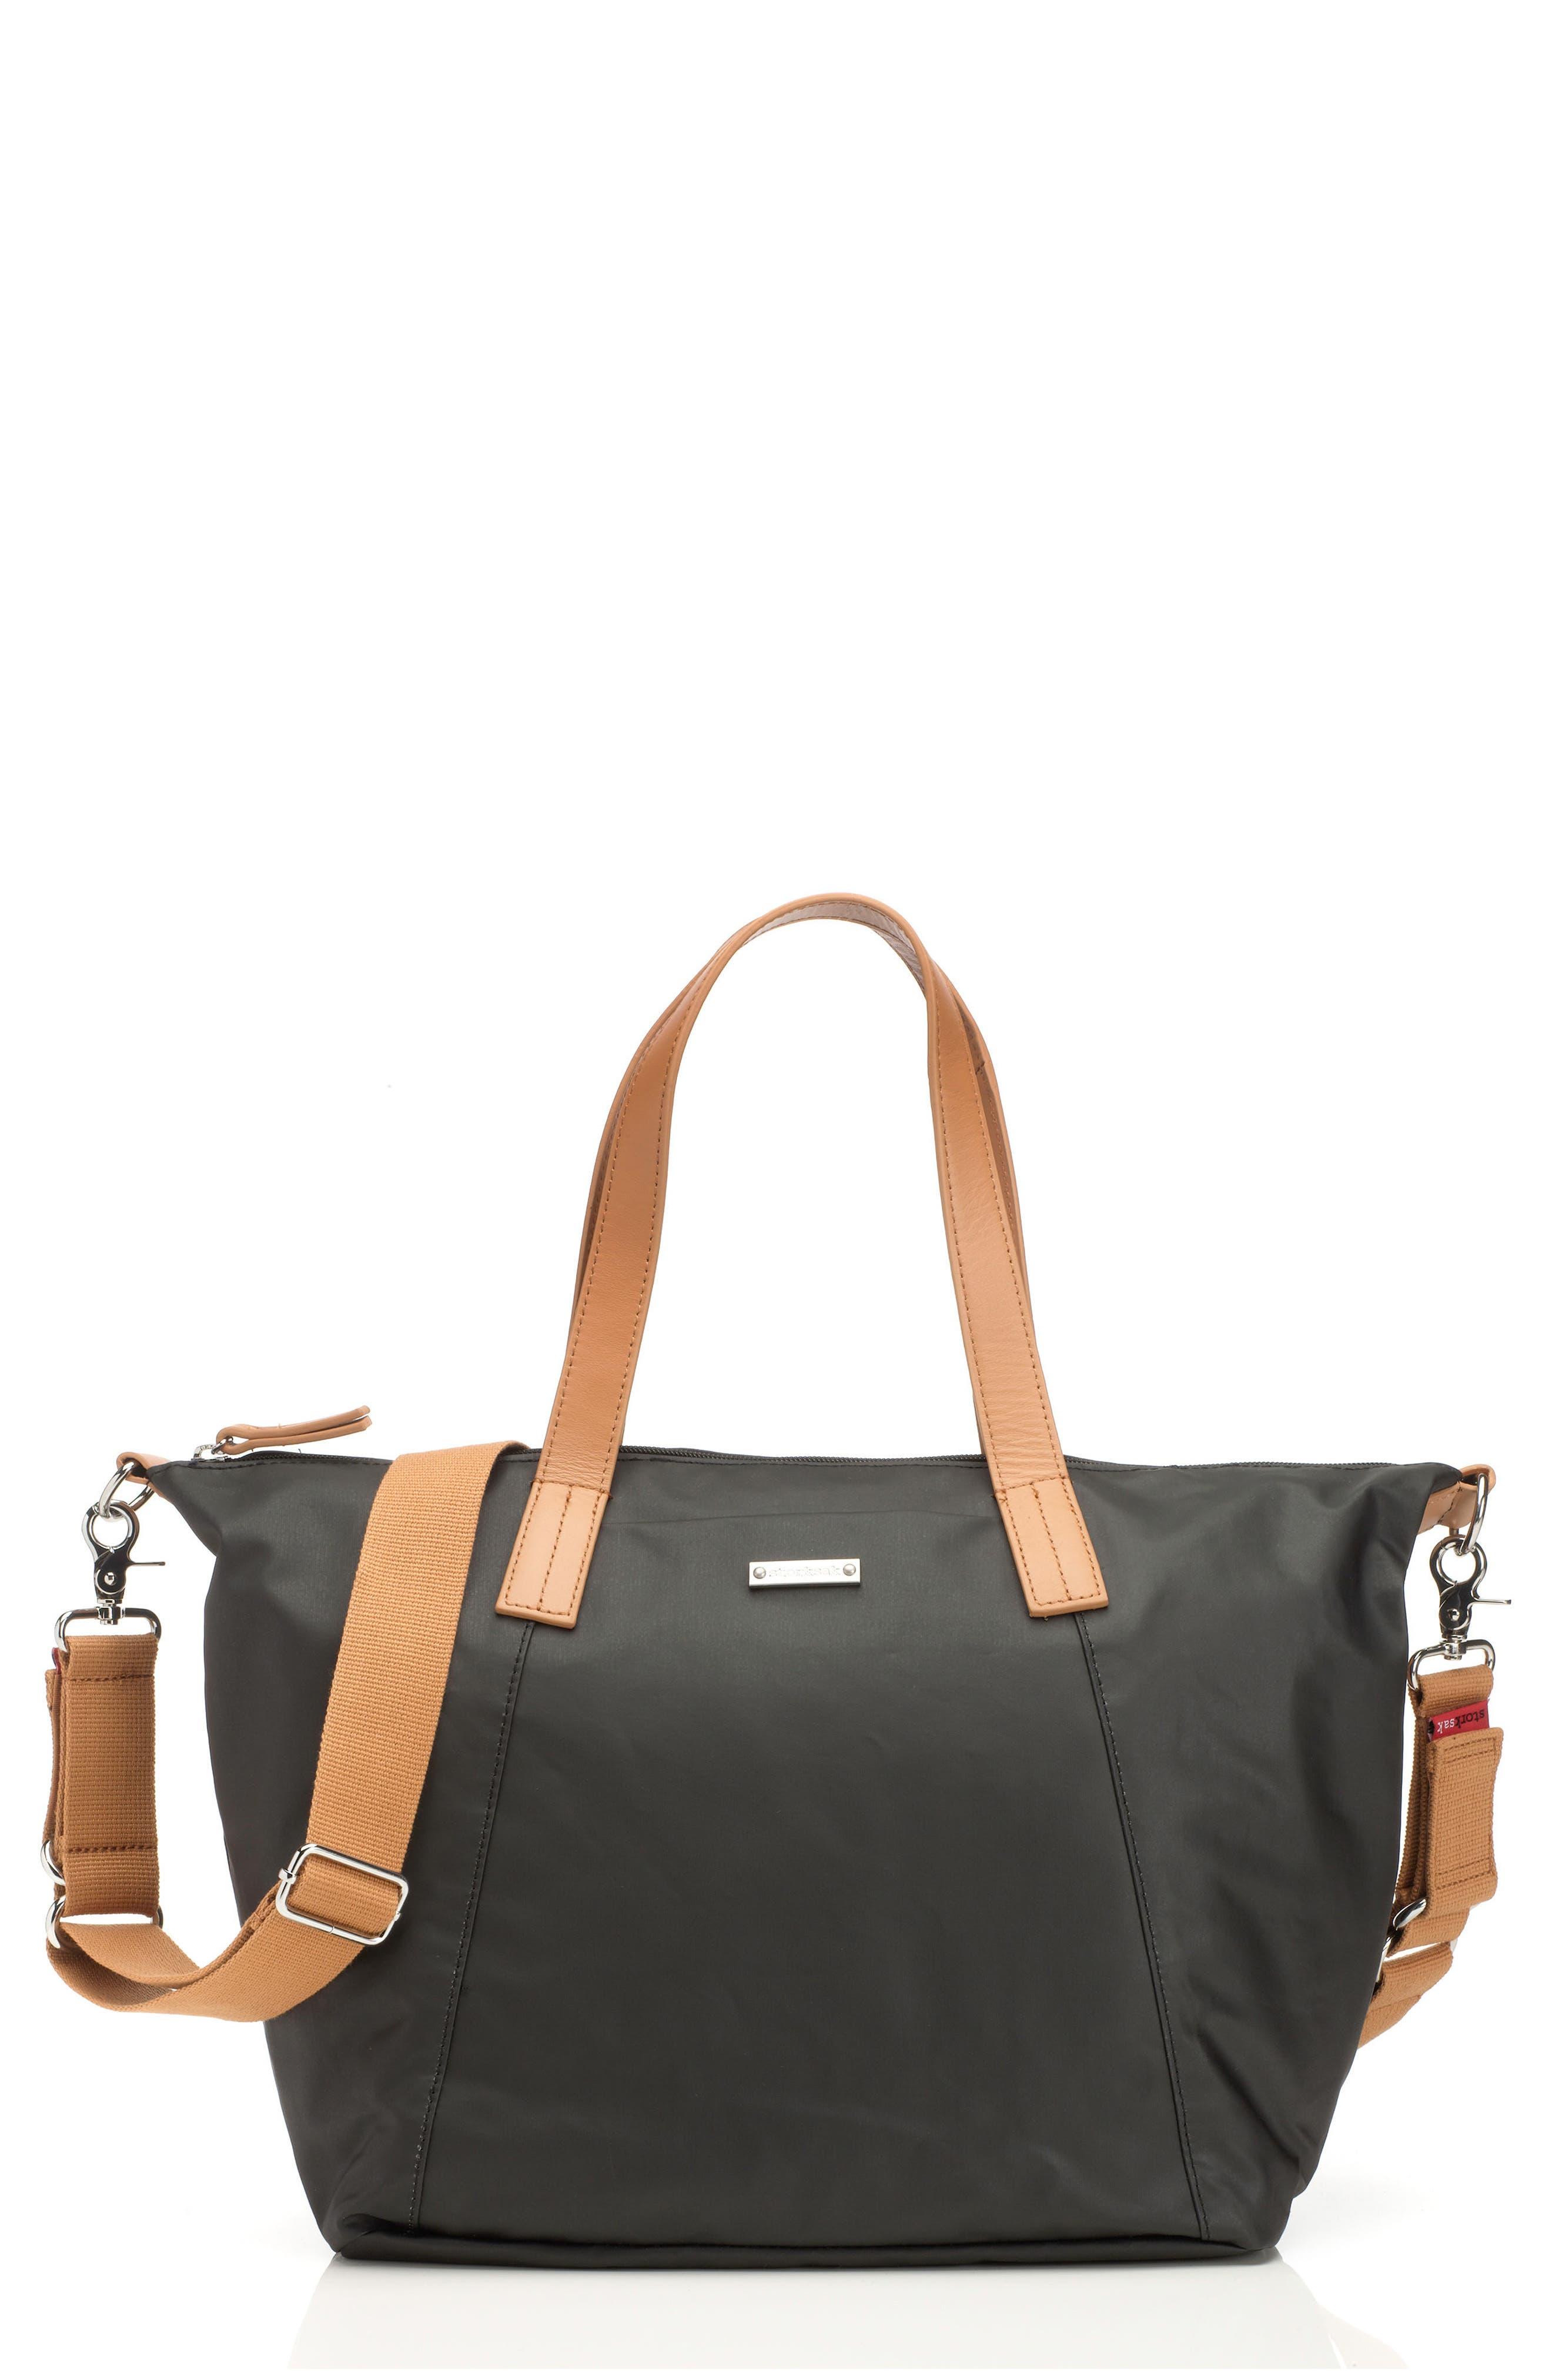 Alternate Image 1 Selected - Storksak Noa Diaper Bag